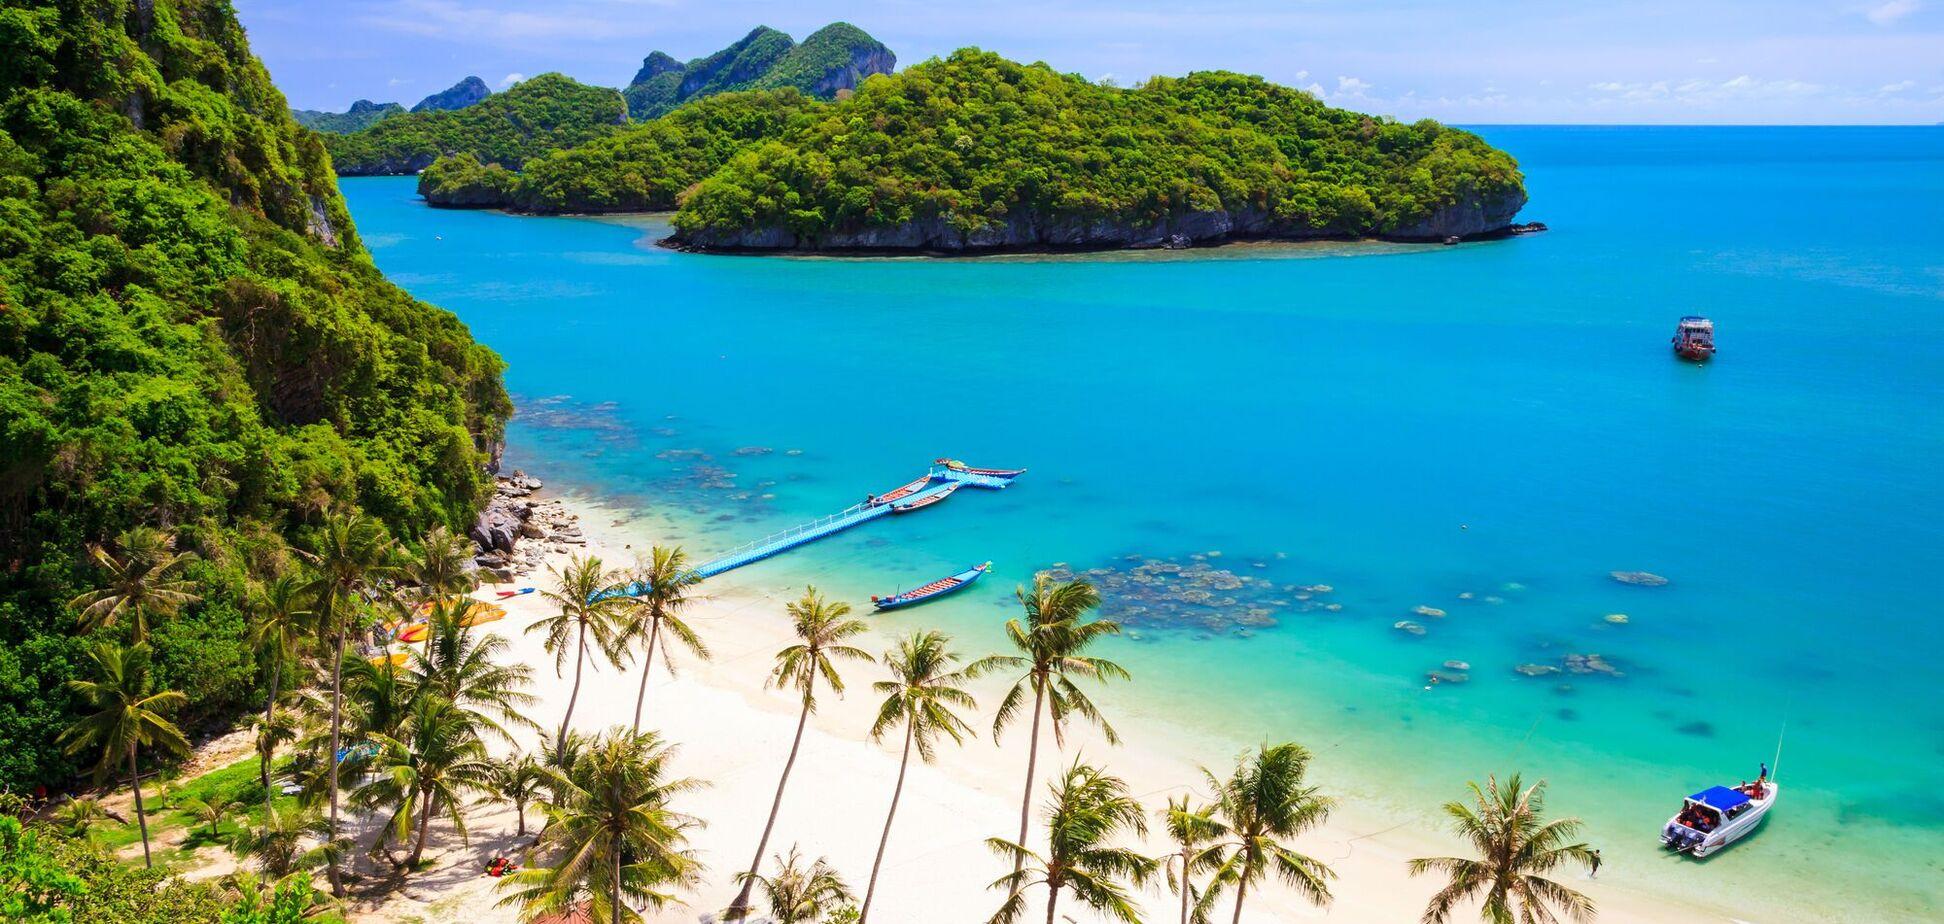 Таїланд: моря можливостей